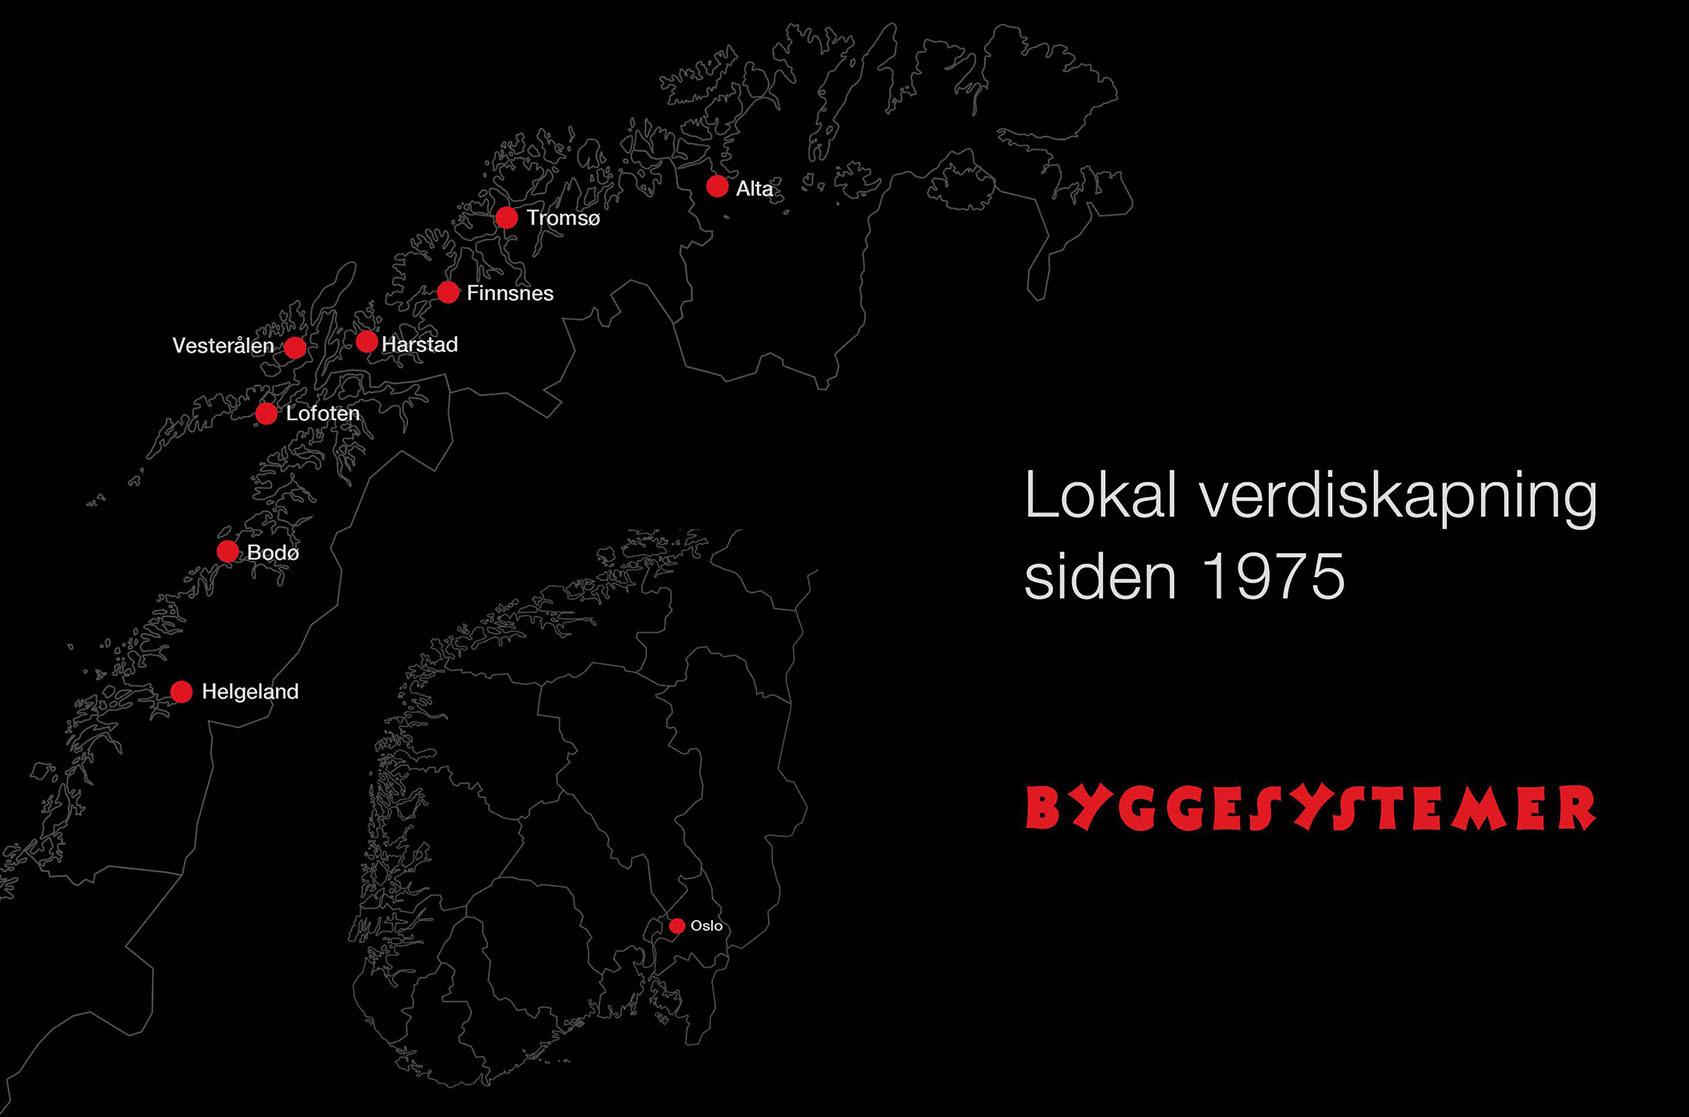 Lokal verdiskapning siden 1975 - Våre avdelinger